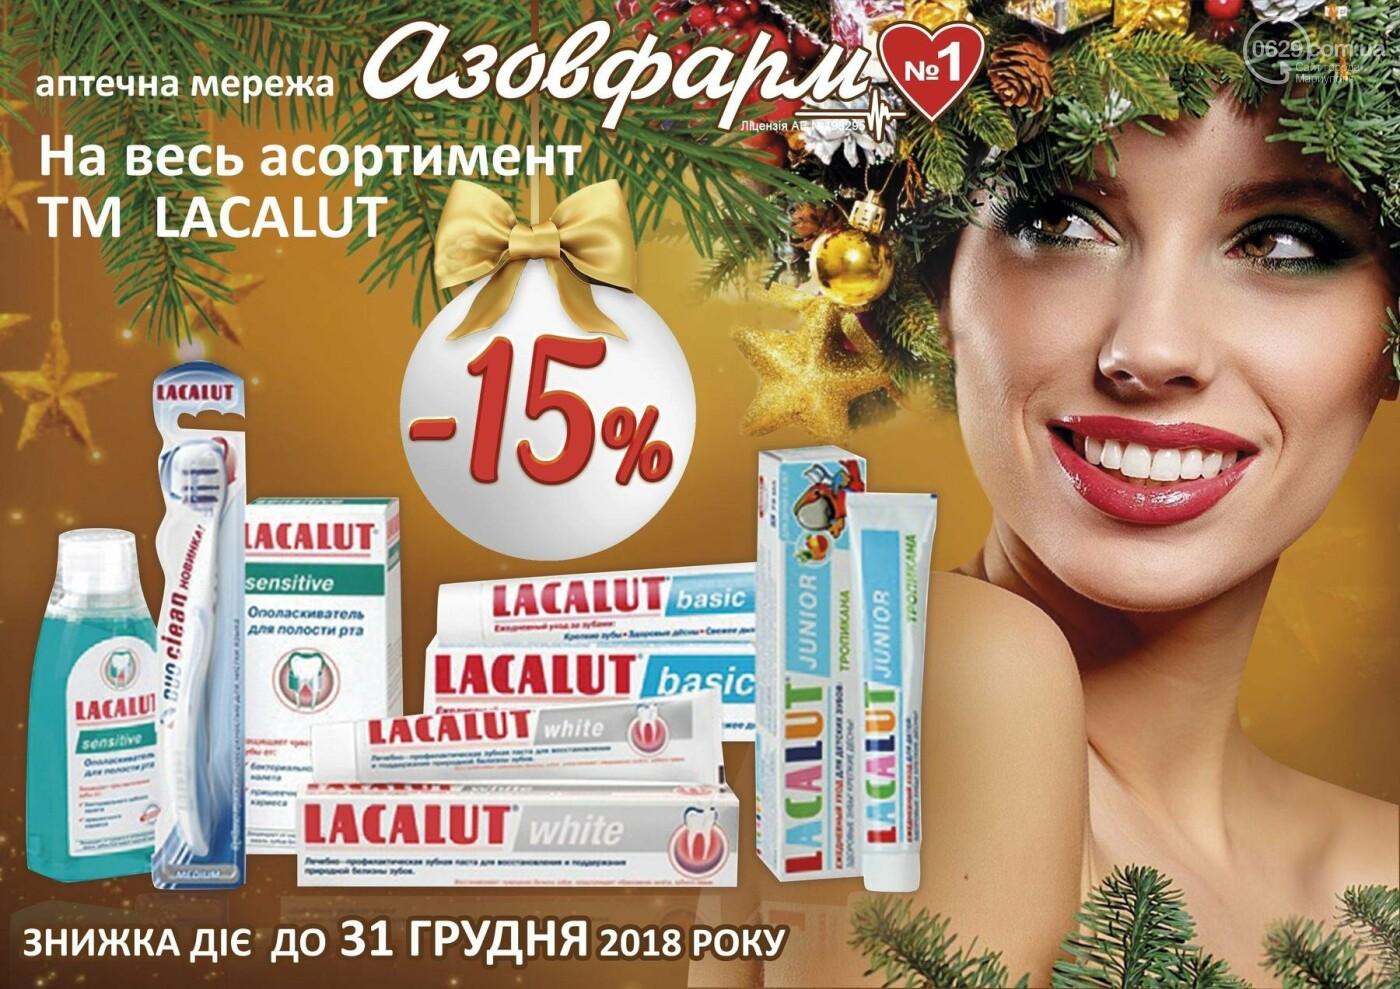 """В аптеках """"Азовфарм"""" новорічні знижки -15%, -20%, -25%, фото-7"""